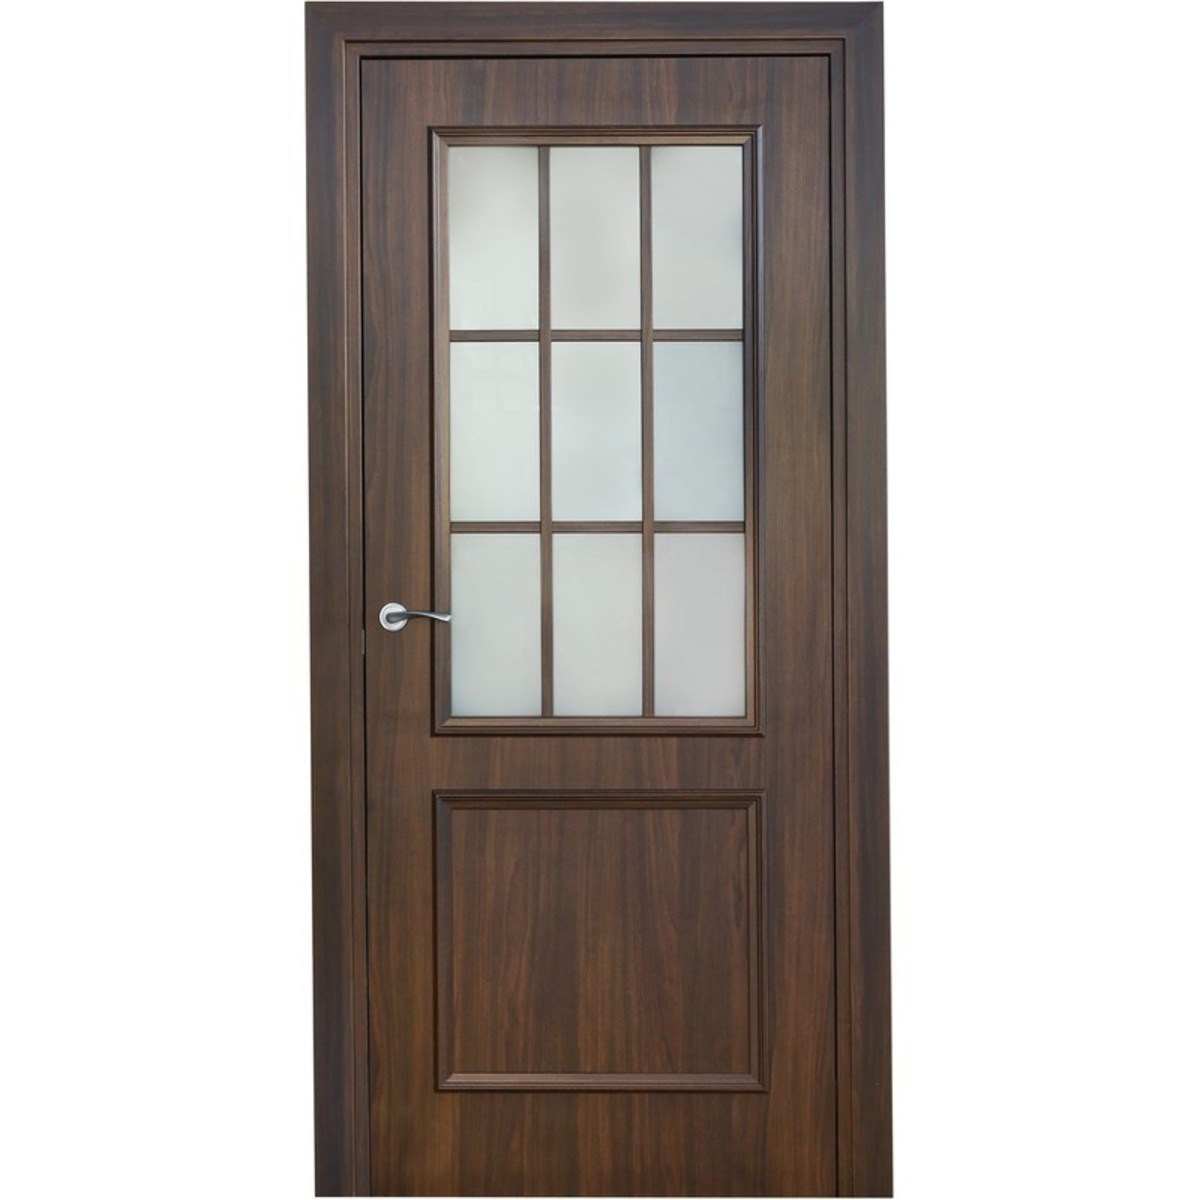 Дверь Межкомнатная Остеклённая Altro 90x200 Ламинация Цвет Орех Марроне